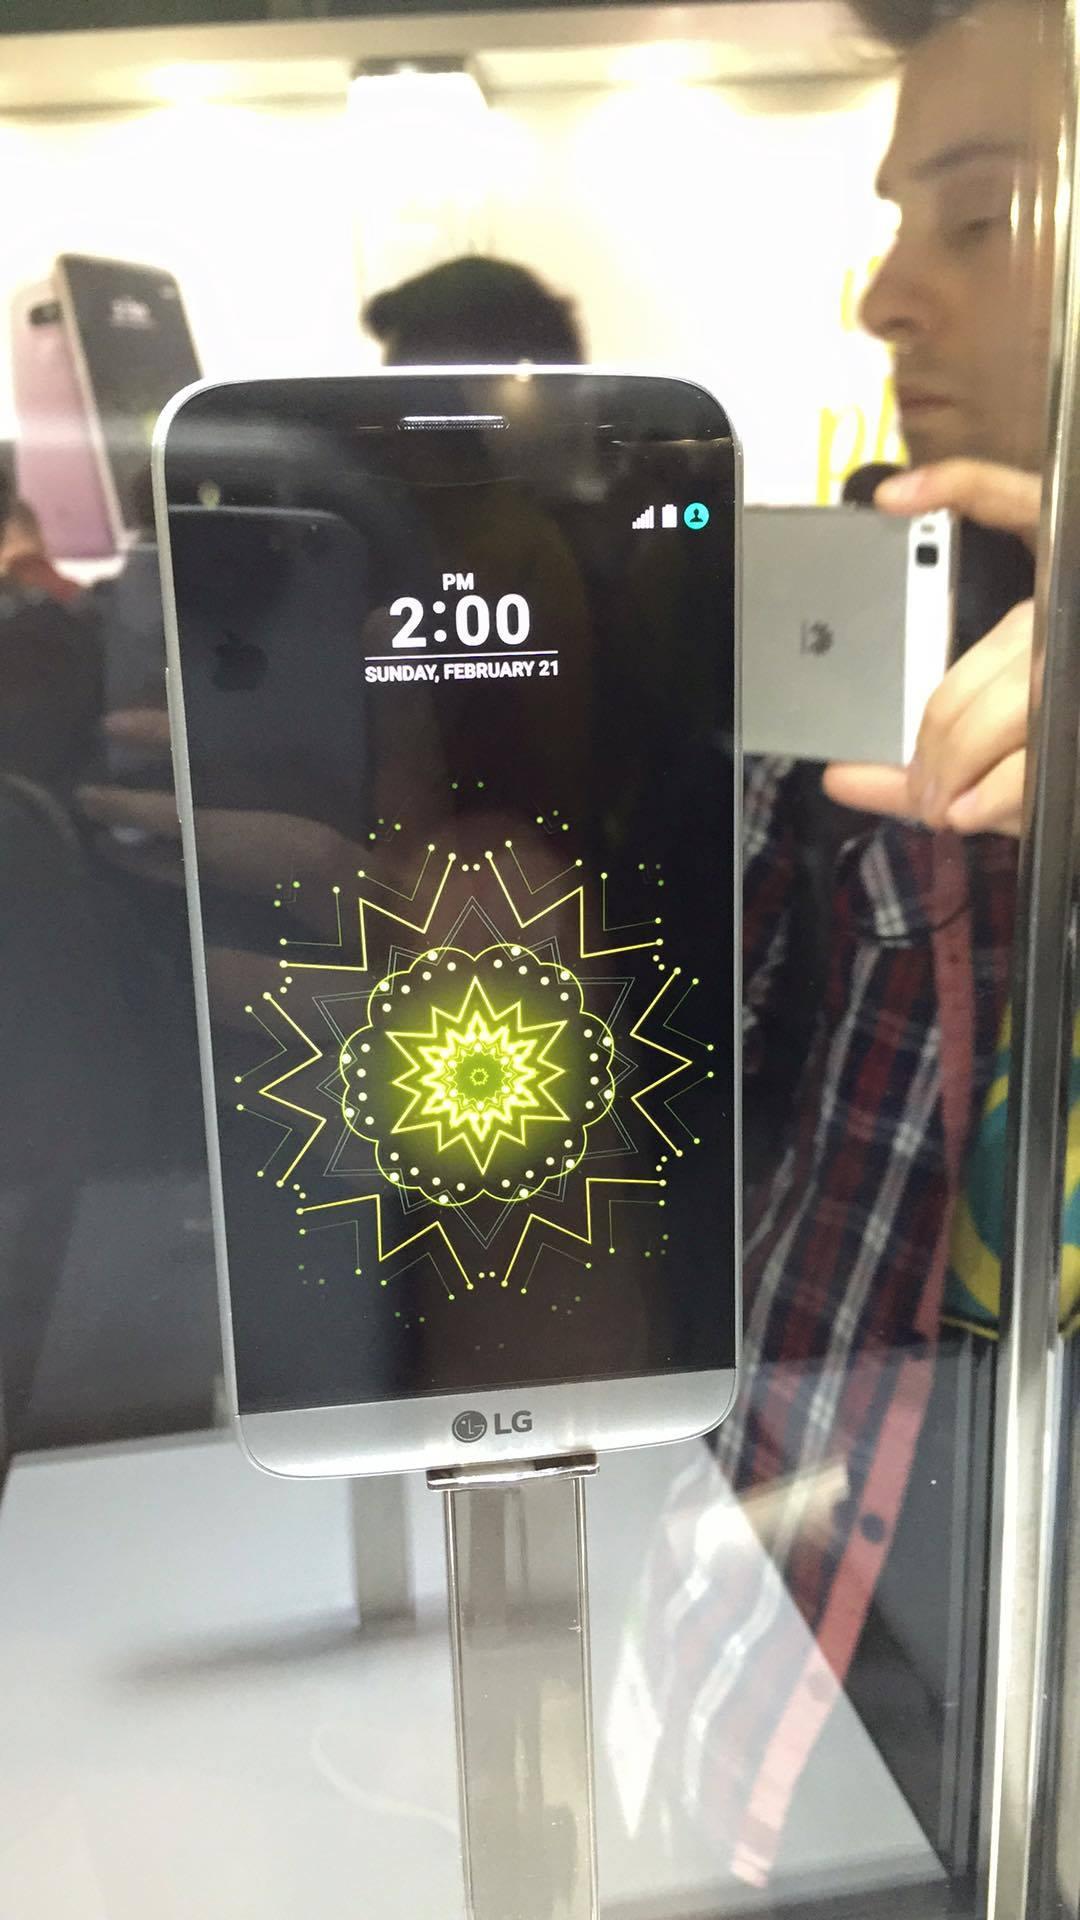 LG-G5-akilli-telefon-canli-yayin-technopat (1)